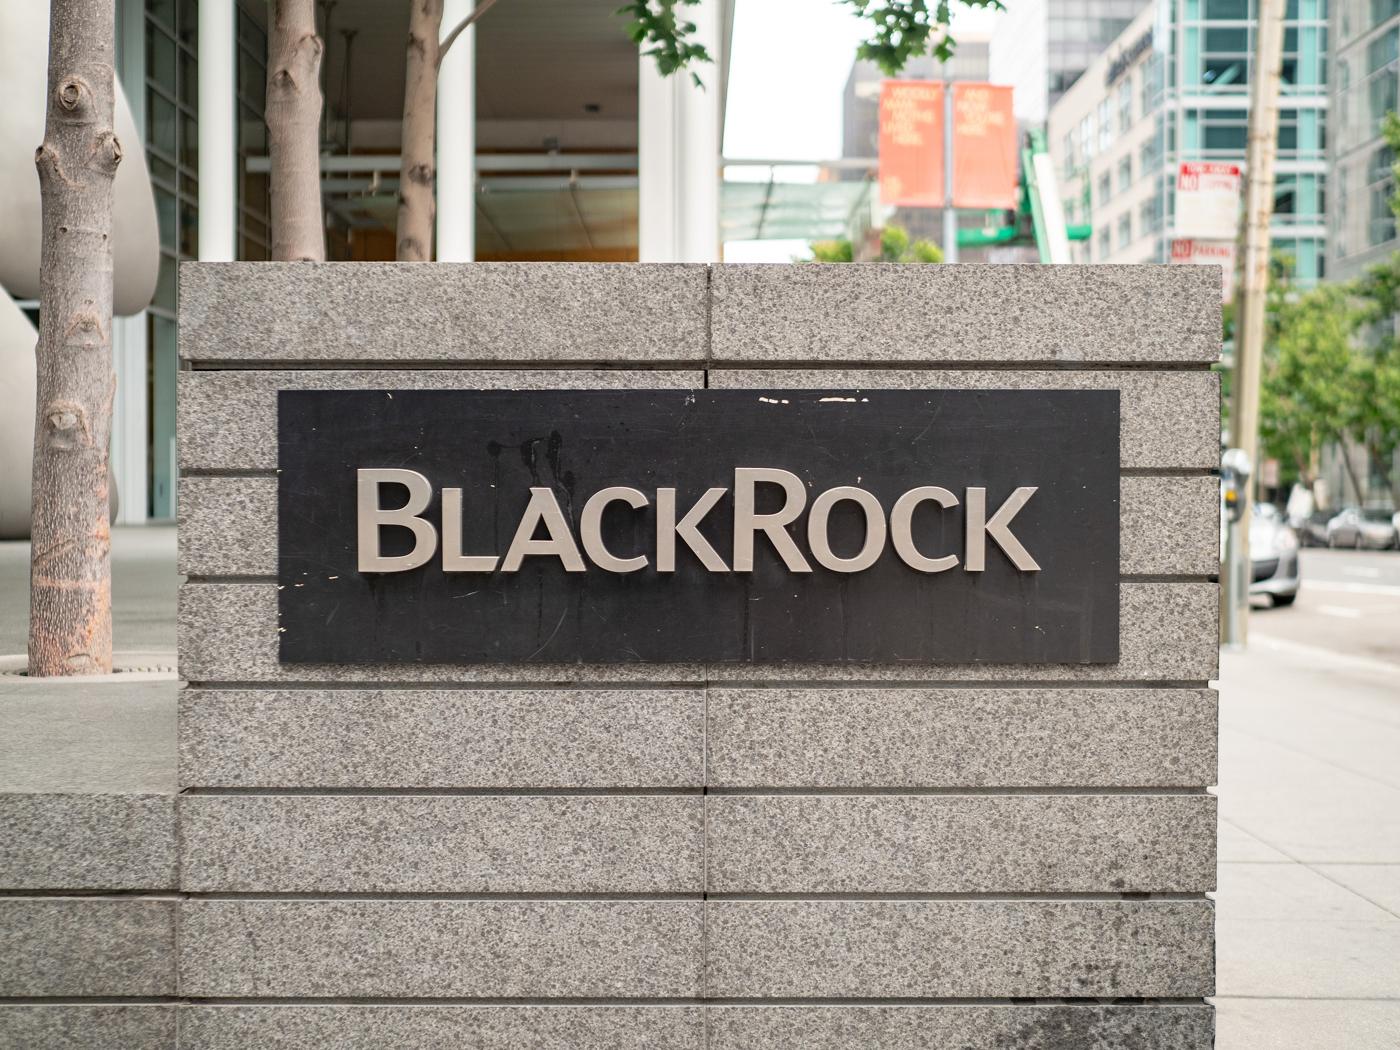 BlackRock stock, BLK stock